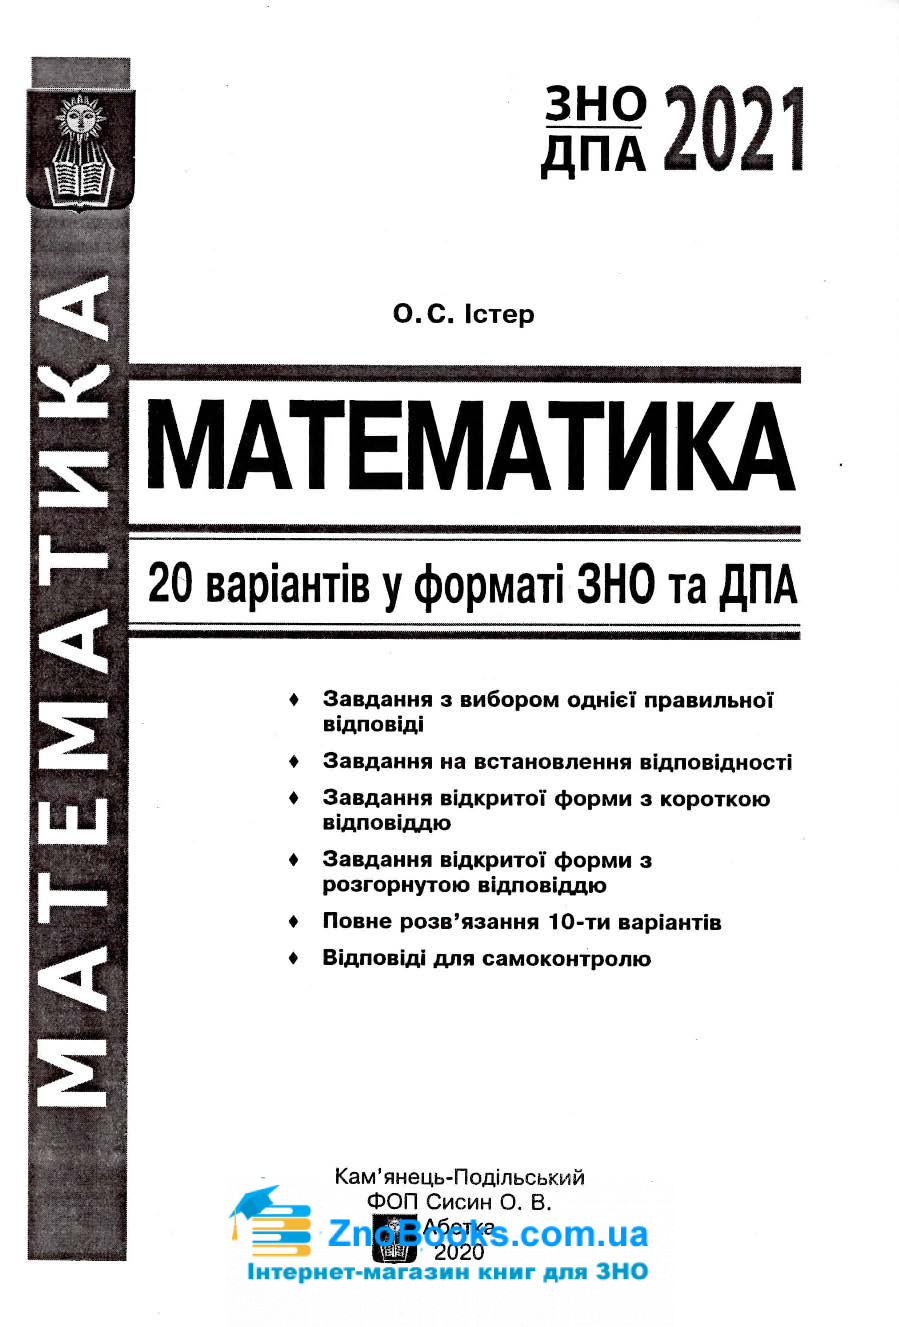 Математика : Довідник + тести та 20 варіантів тестів у форматі ЗНО 2022 : Істер О. Абетка. купити 11